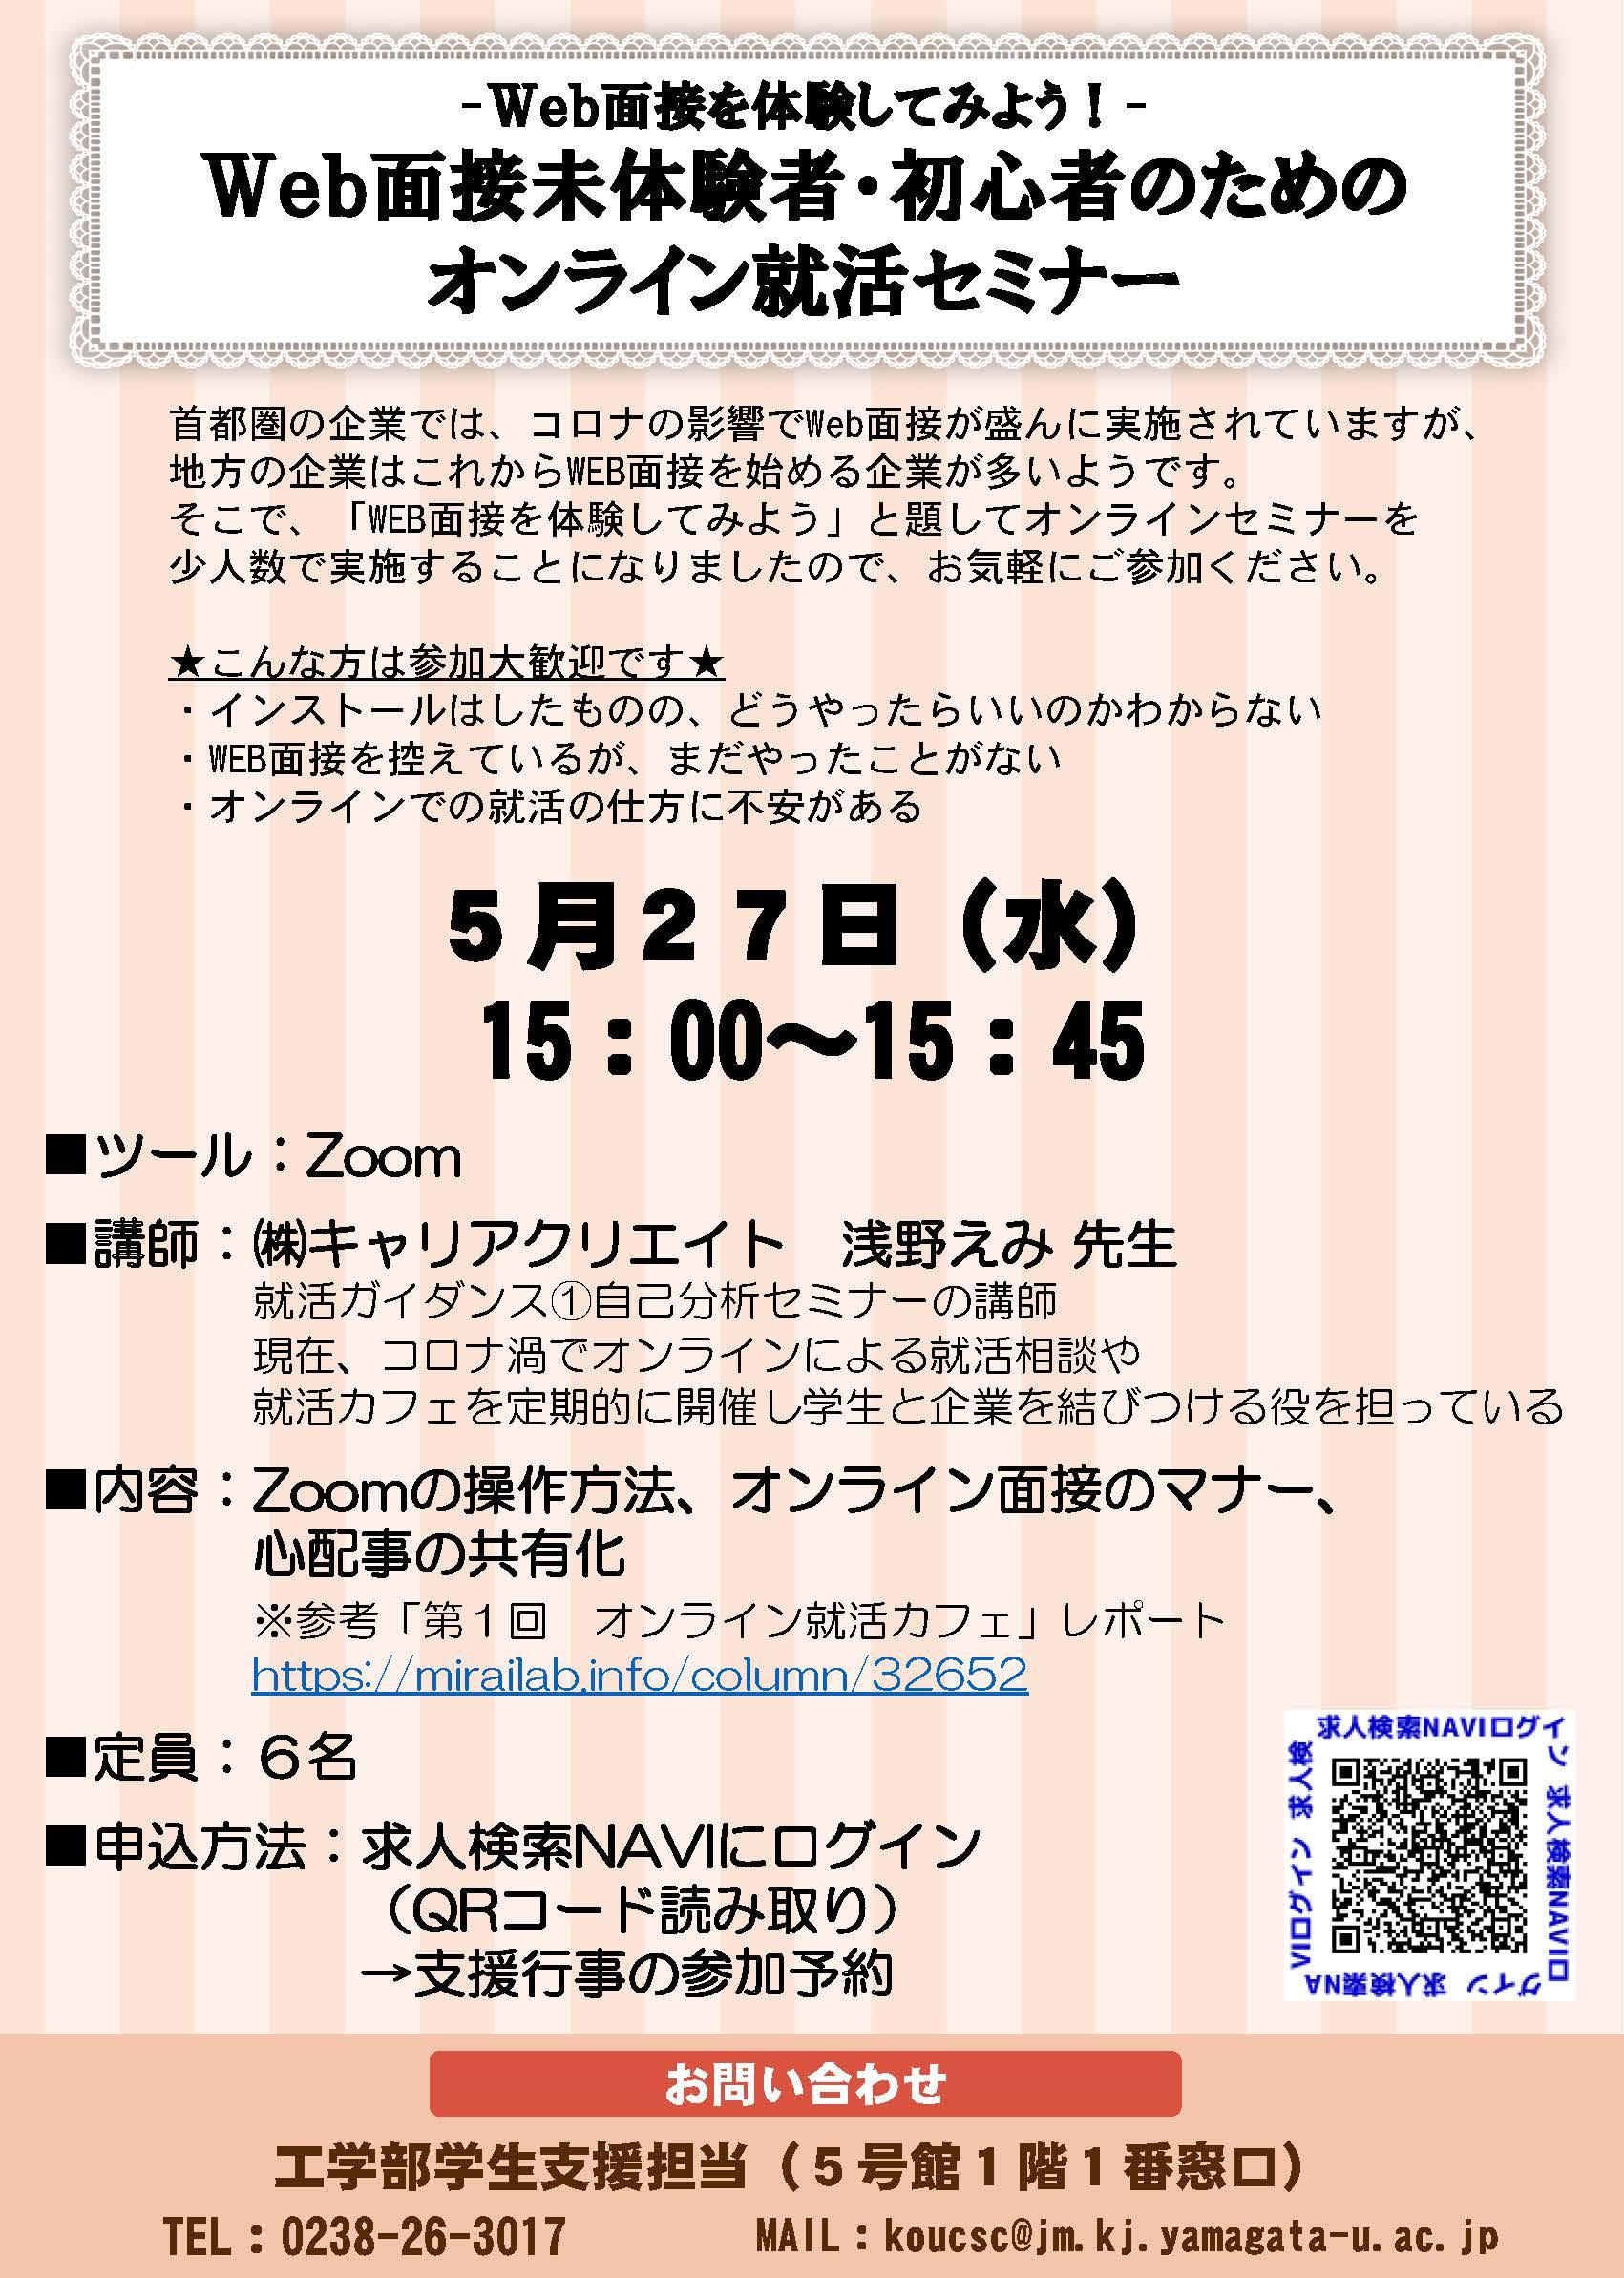 0527オンライン就活セミナー ポスター.jpg